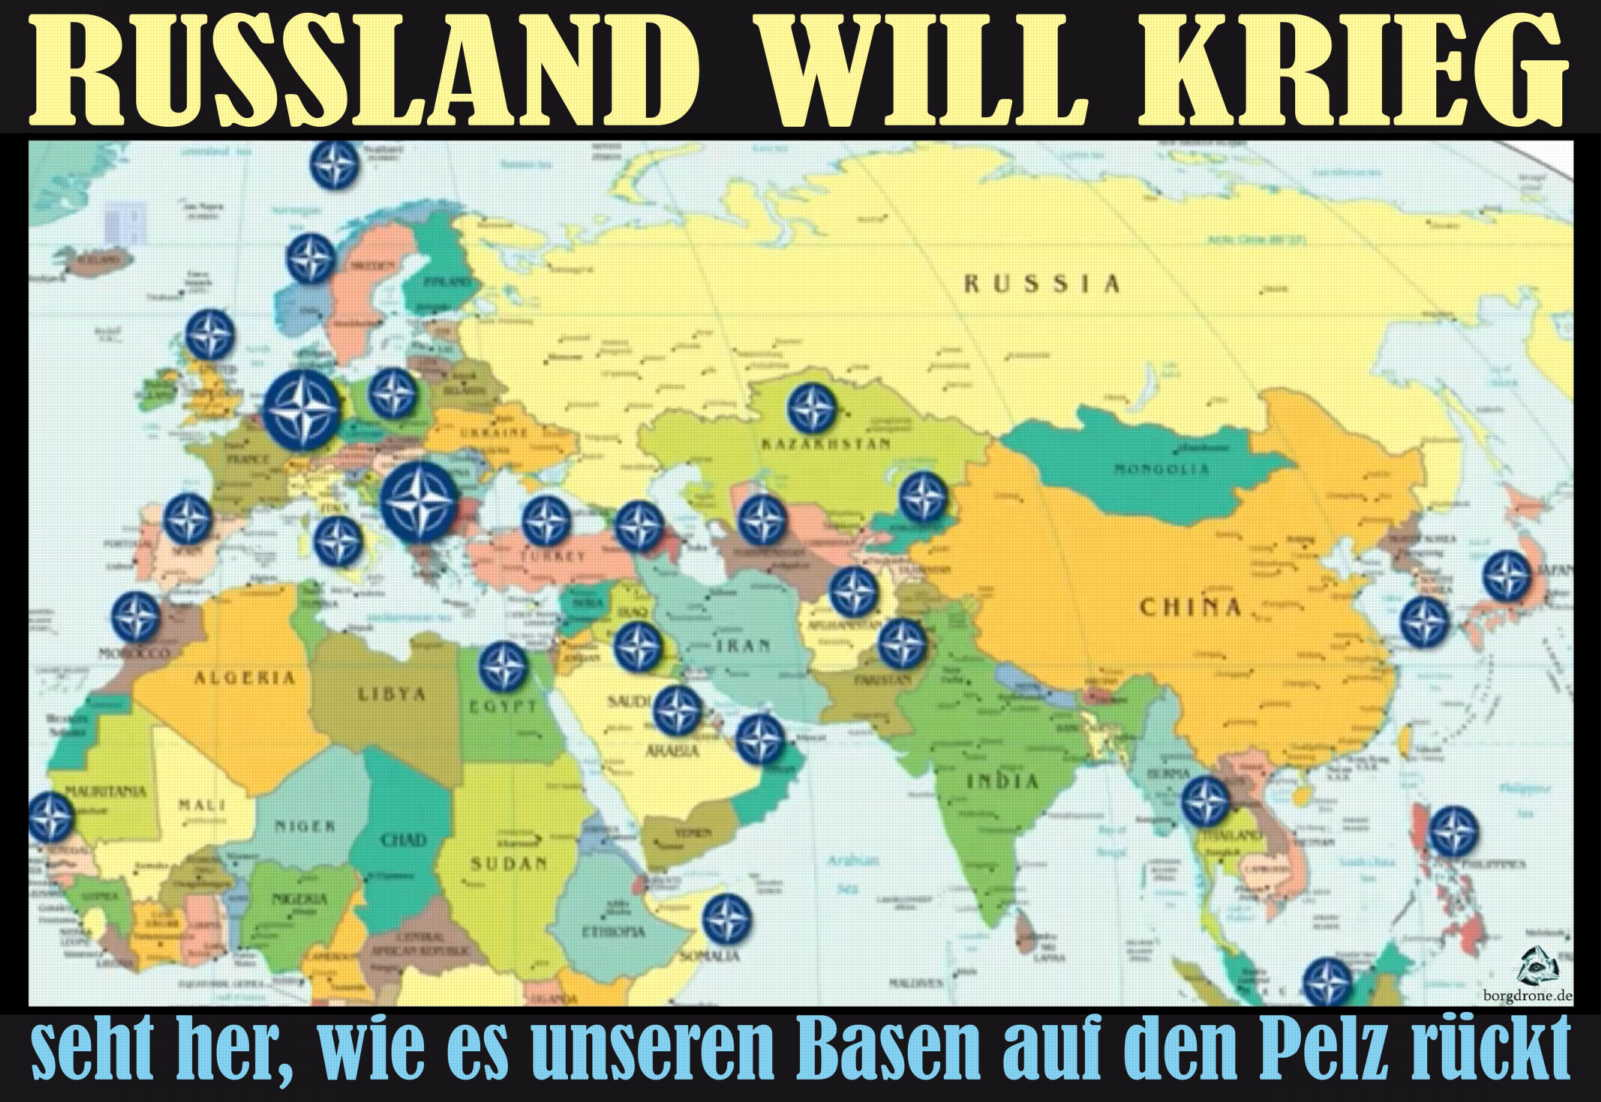 russland will krieg us basen bedroht verteidigungskrieg humanitaere mission intervention qpress